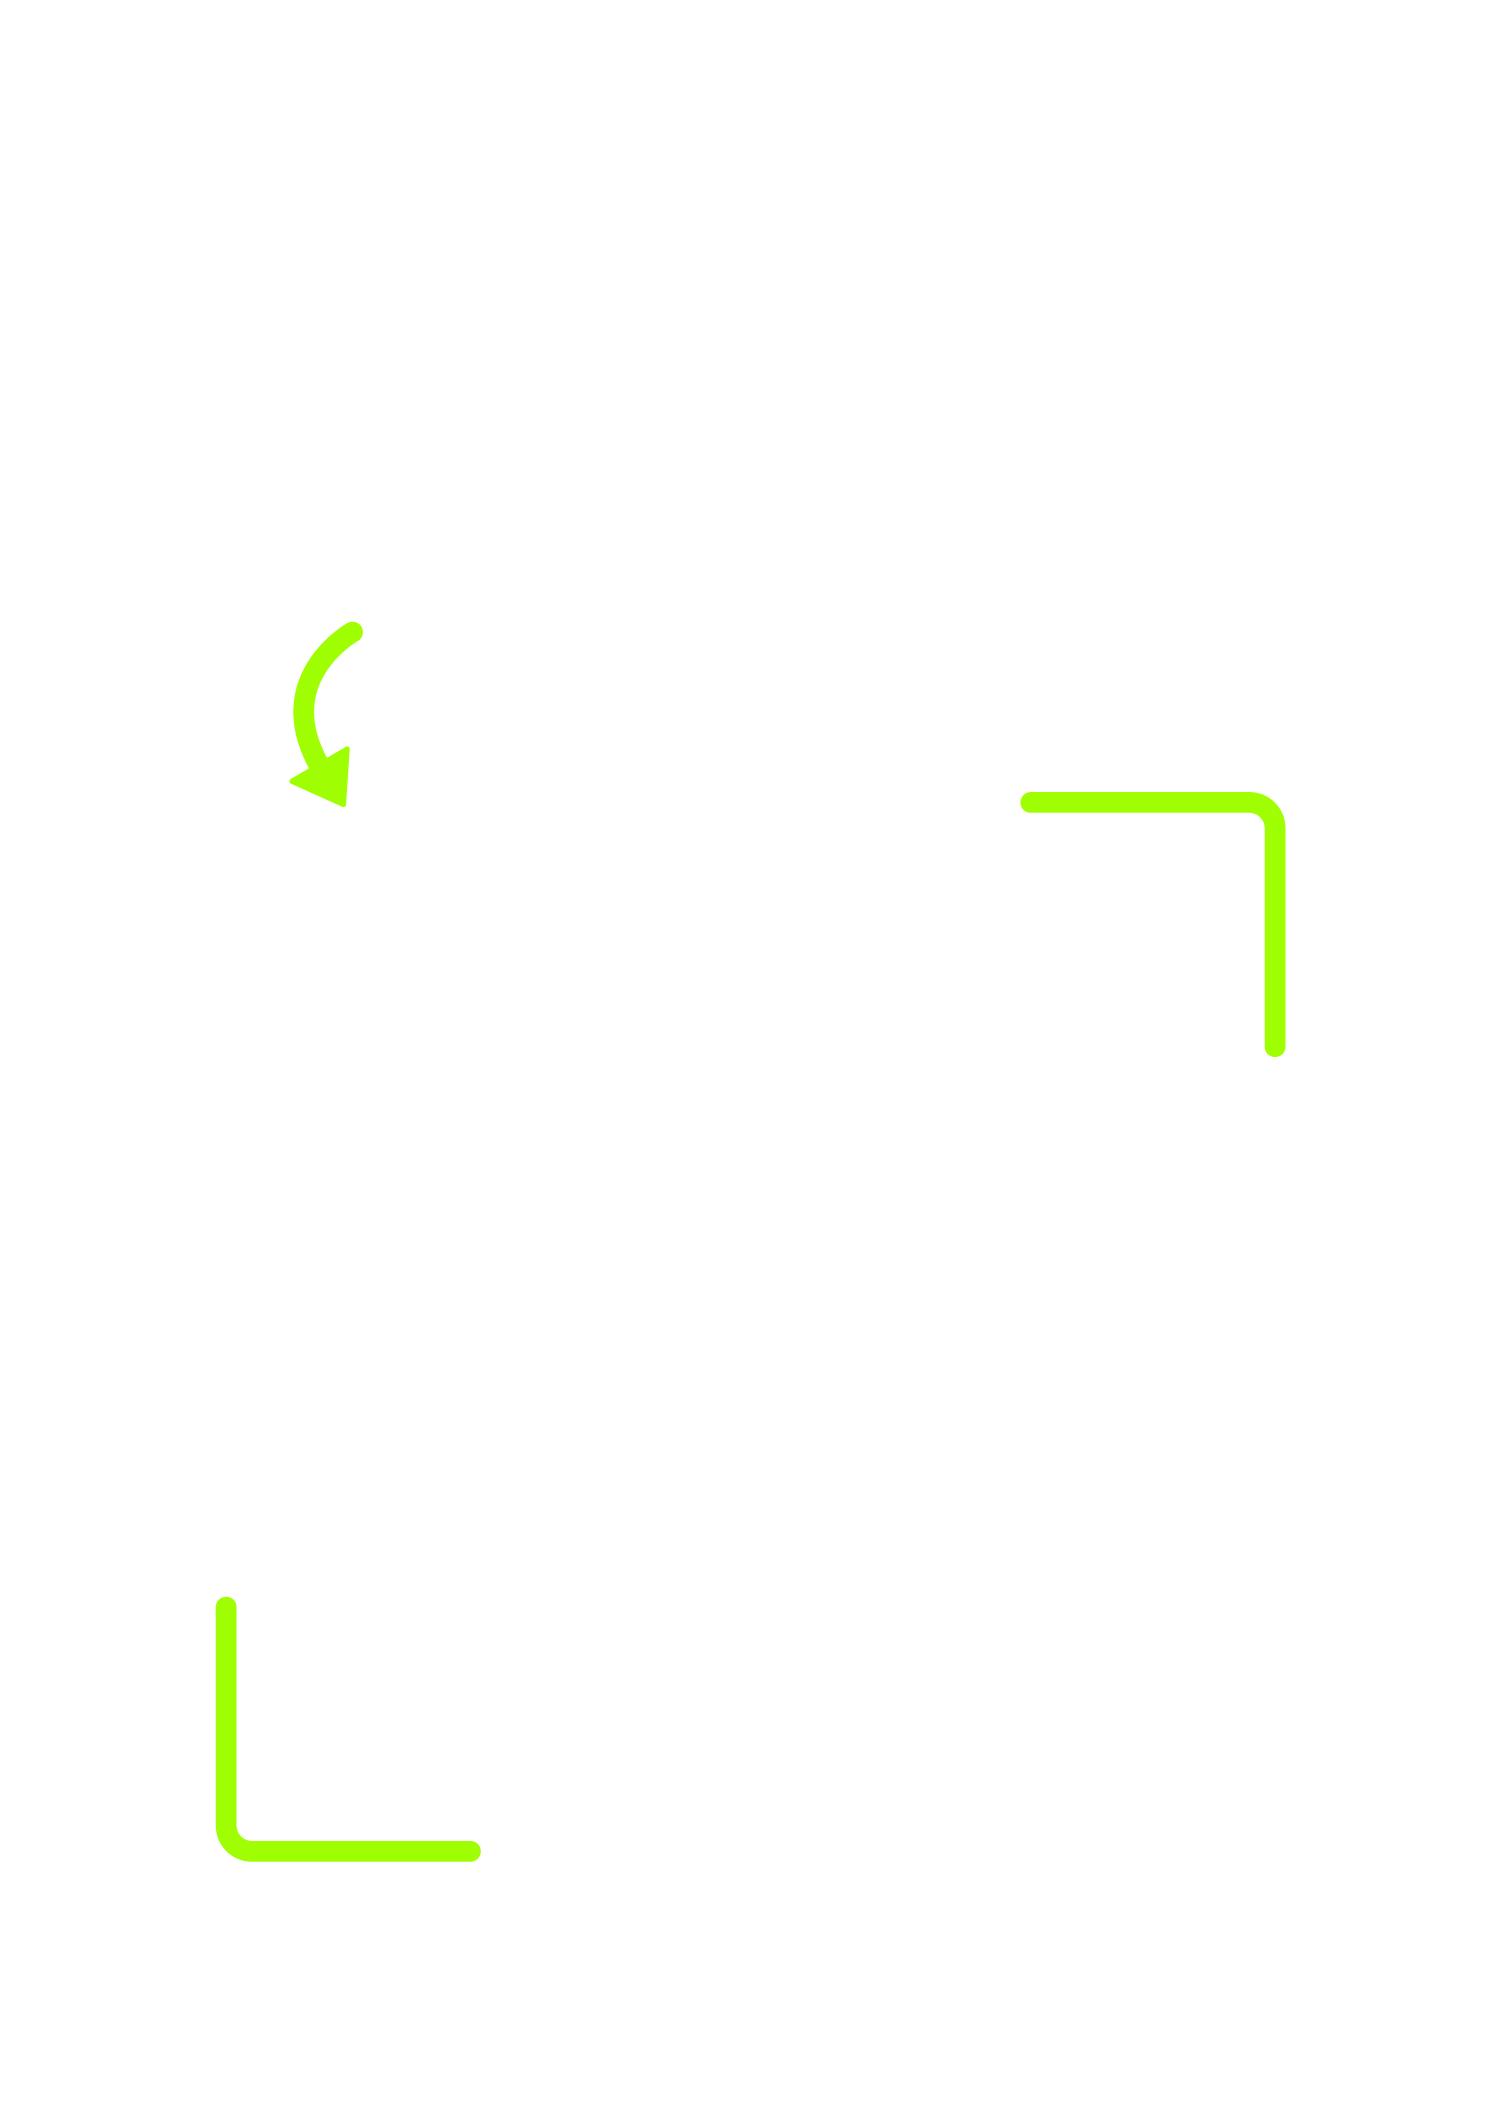 blank vertical qr code template